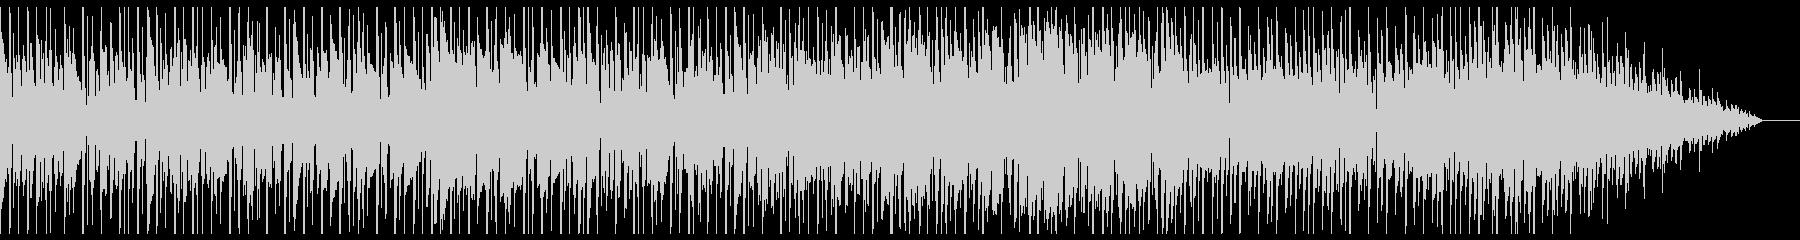 シンプルなバンドロックサウンドの未再生の波形